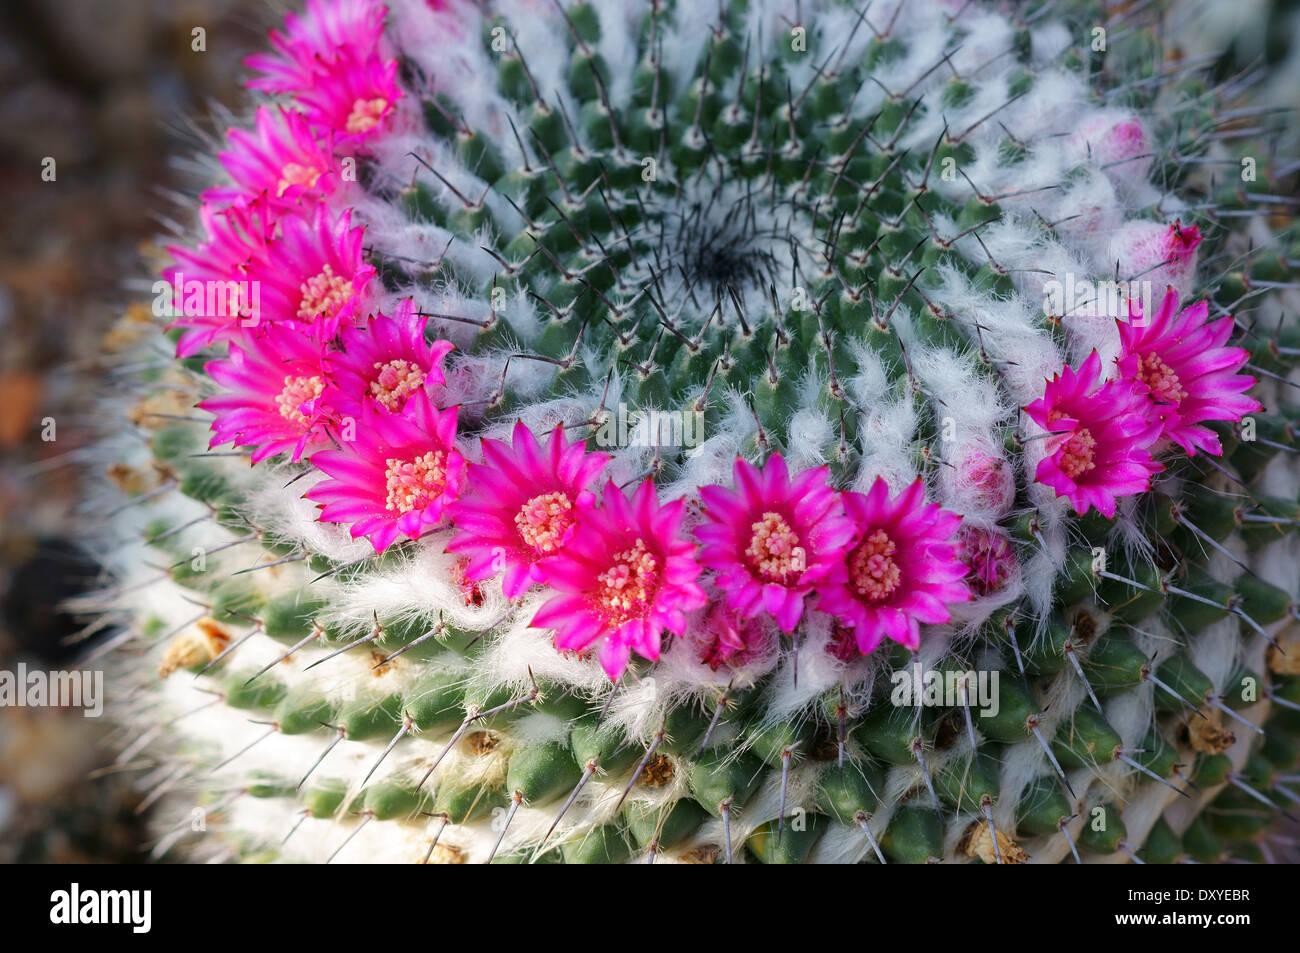 Cactus Mammillaria sempervivi flowers close up - Stock Image